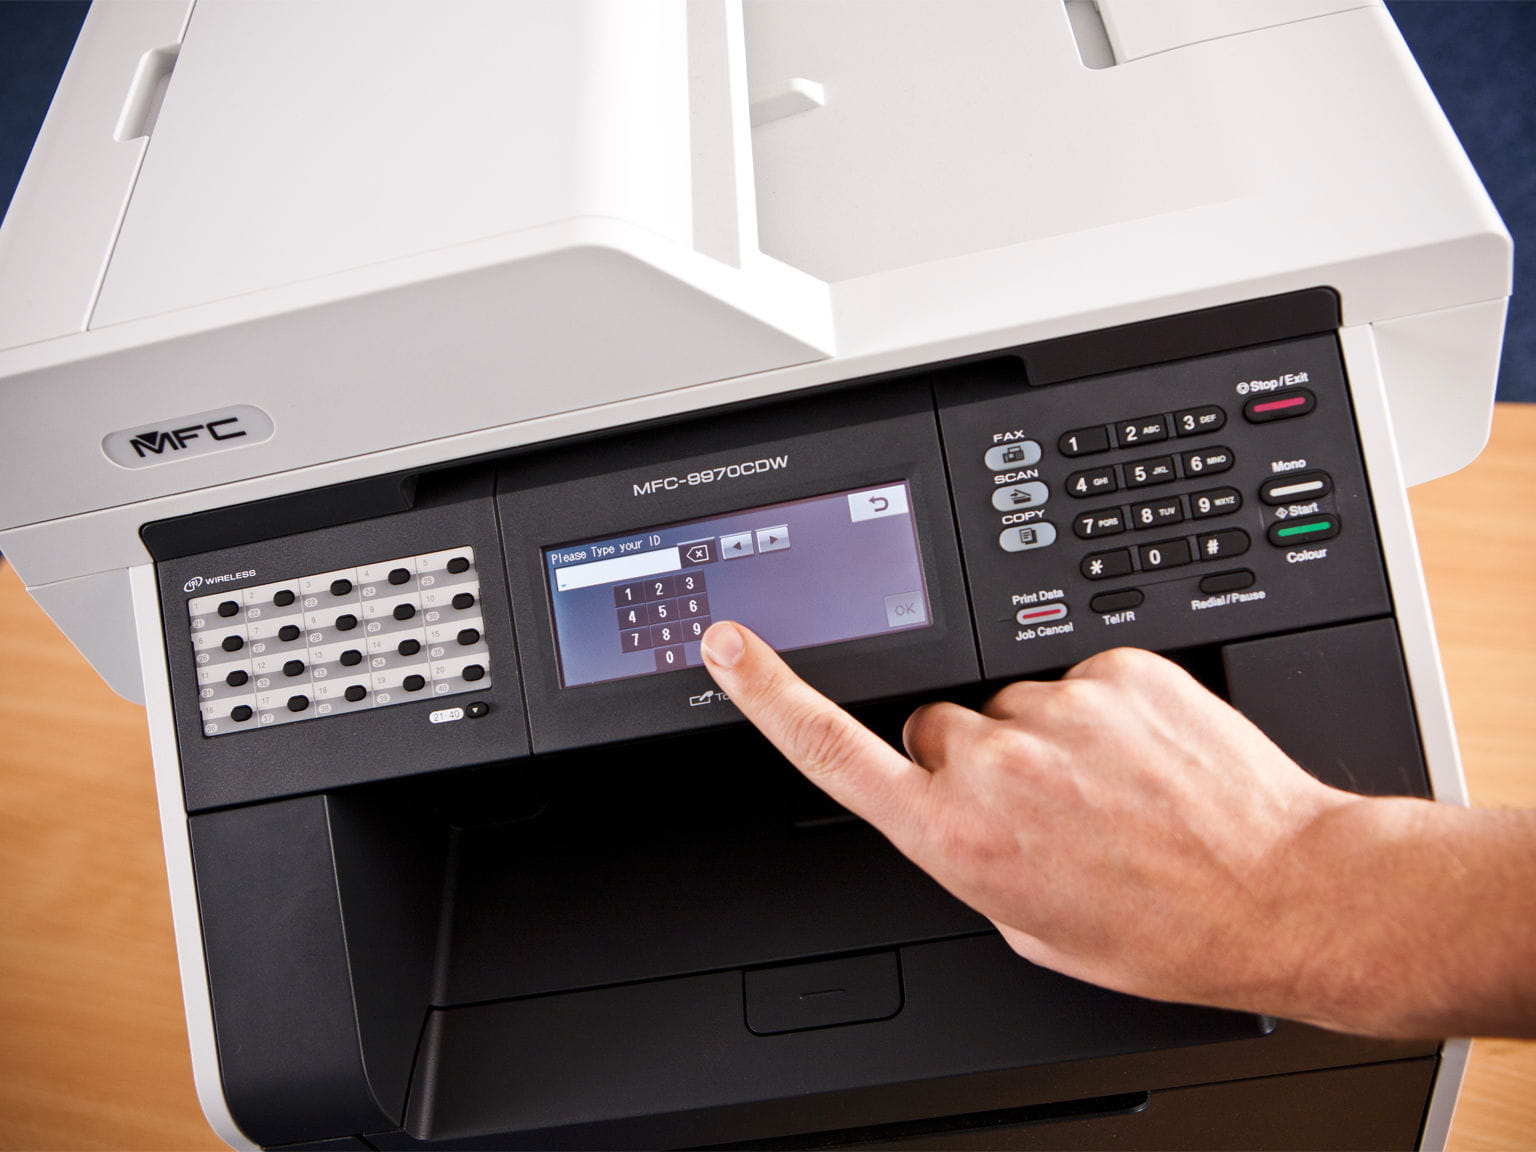 Stampante multifunzione Brother MFC con installato software di stampa gestita B-Guard